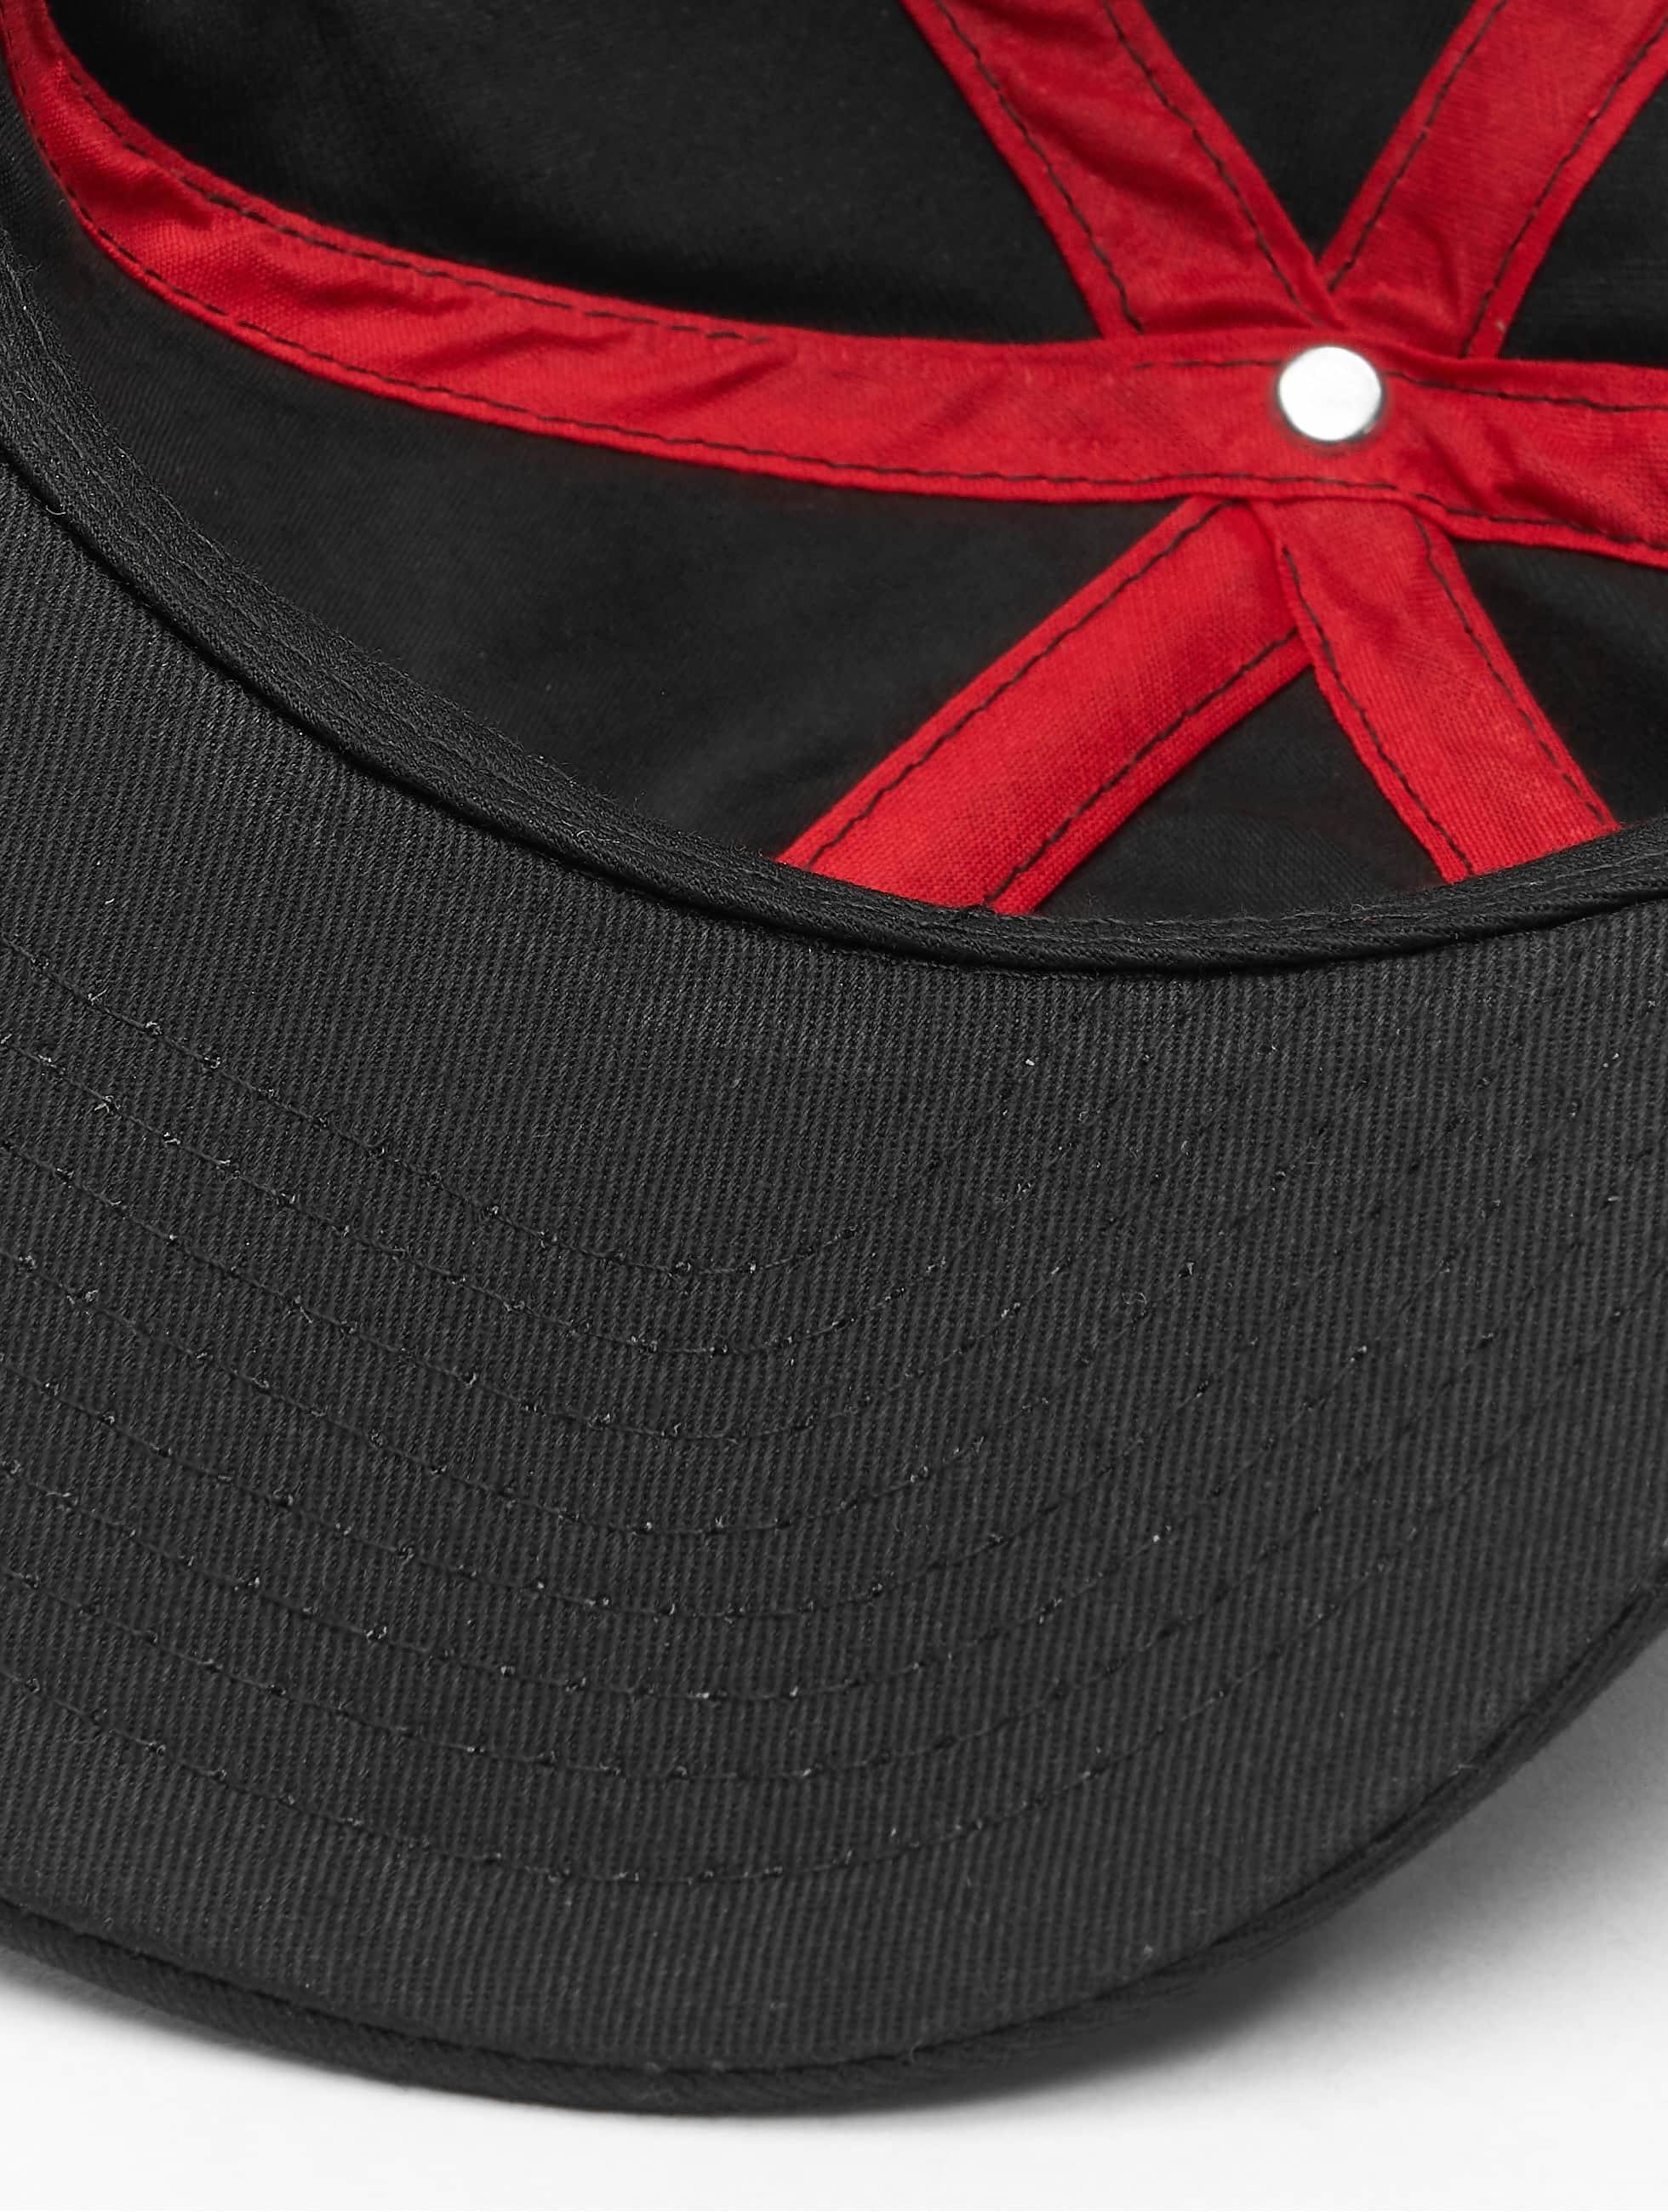 MSTRDS Casquette Snapback & Strapback N Letter noir